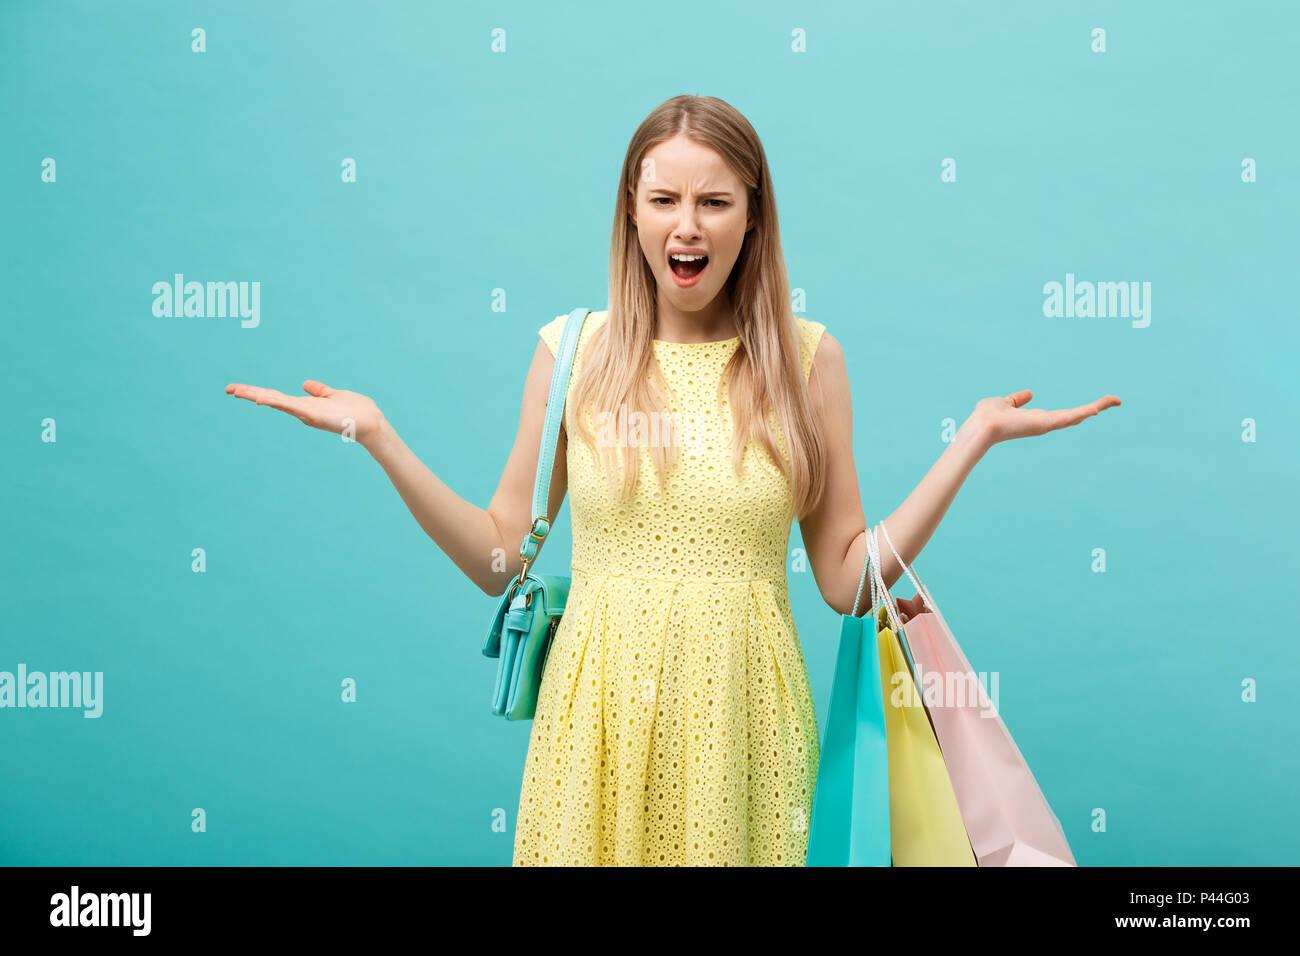 Tiendas y venta Concepto: hermosa joven infeliz en amarillo elegante vestido con bolsa de compras. Imagen De Stock